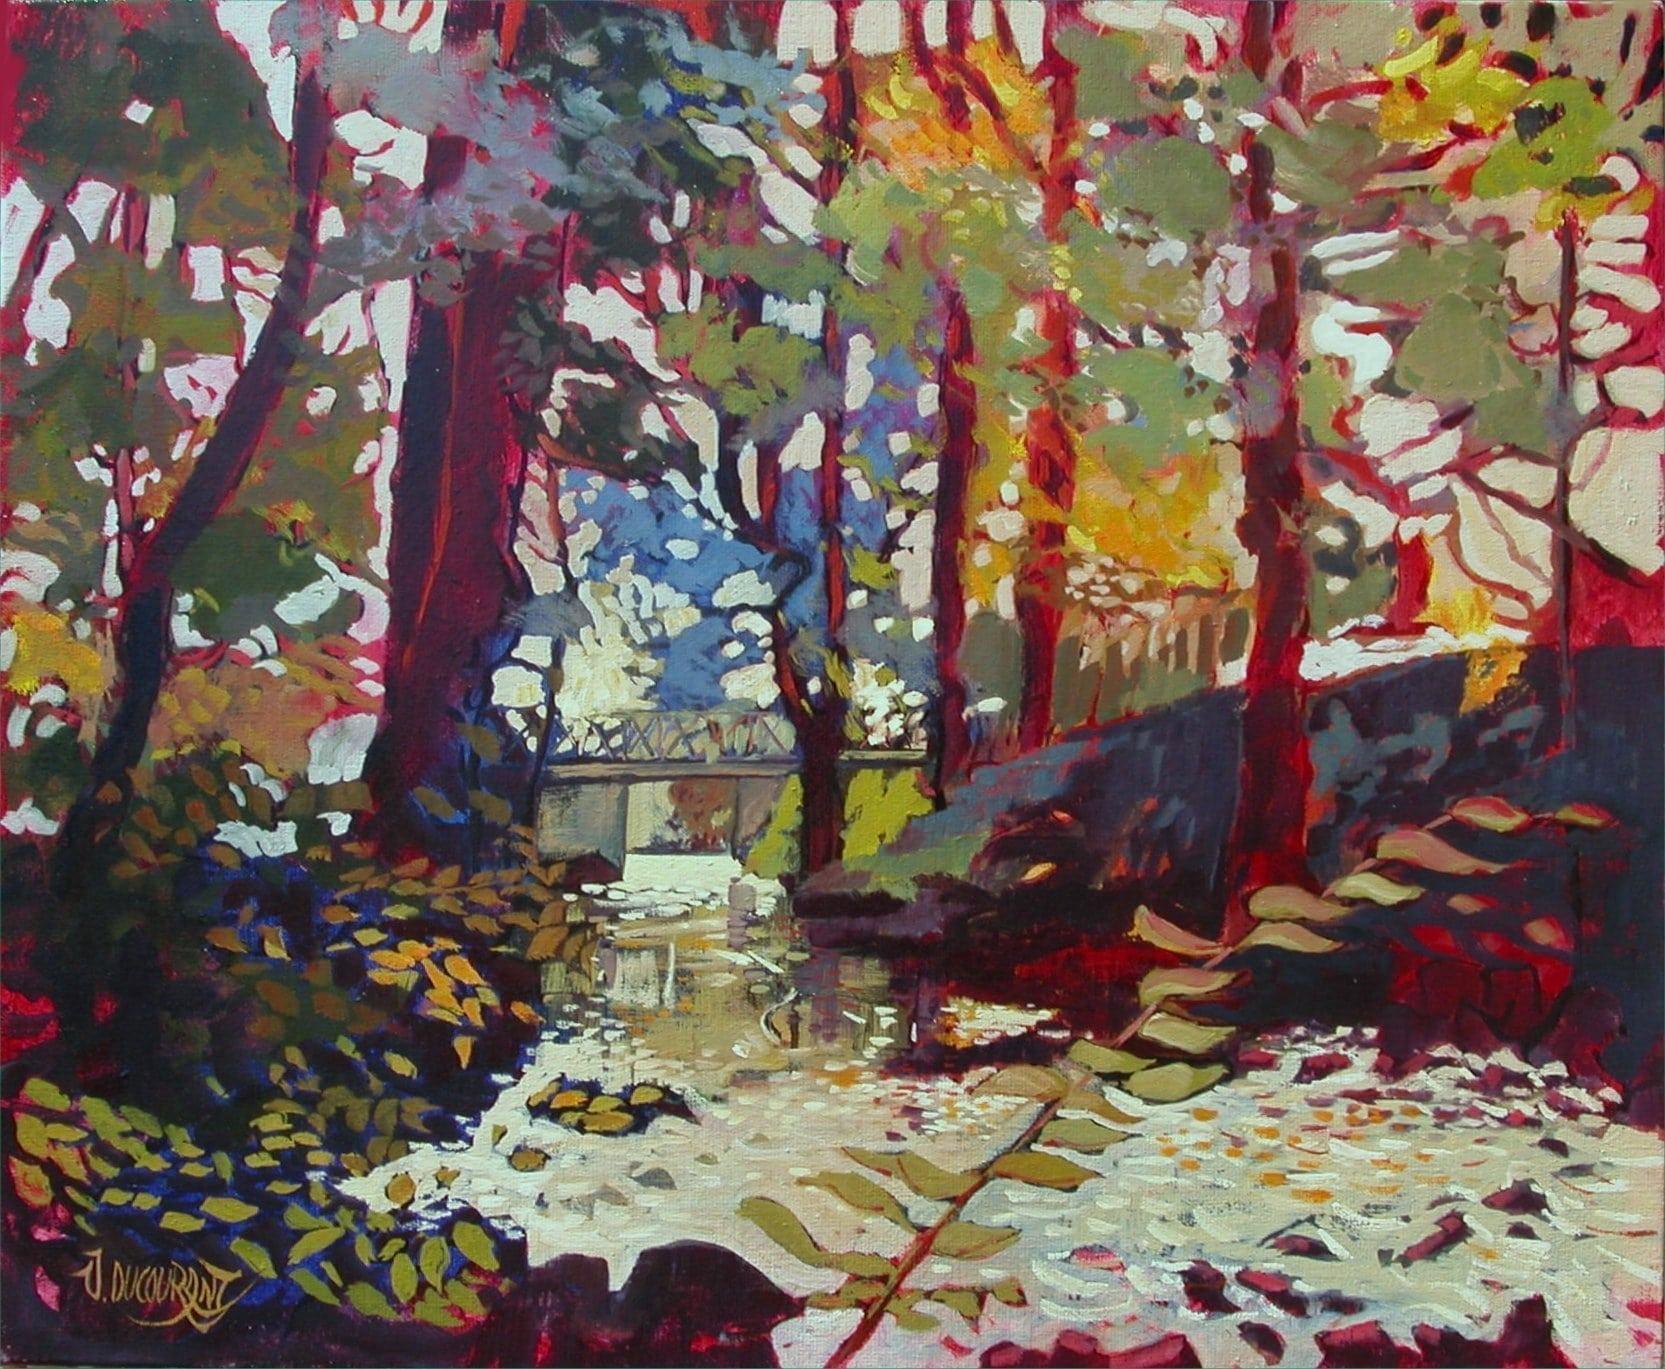 Le Bois d'Amour à Pont-Aven - 73x60cm - 2006